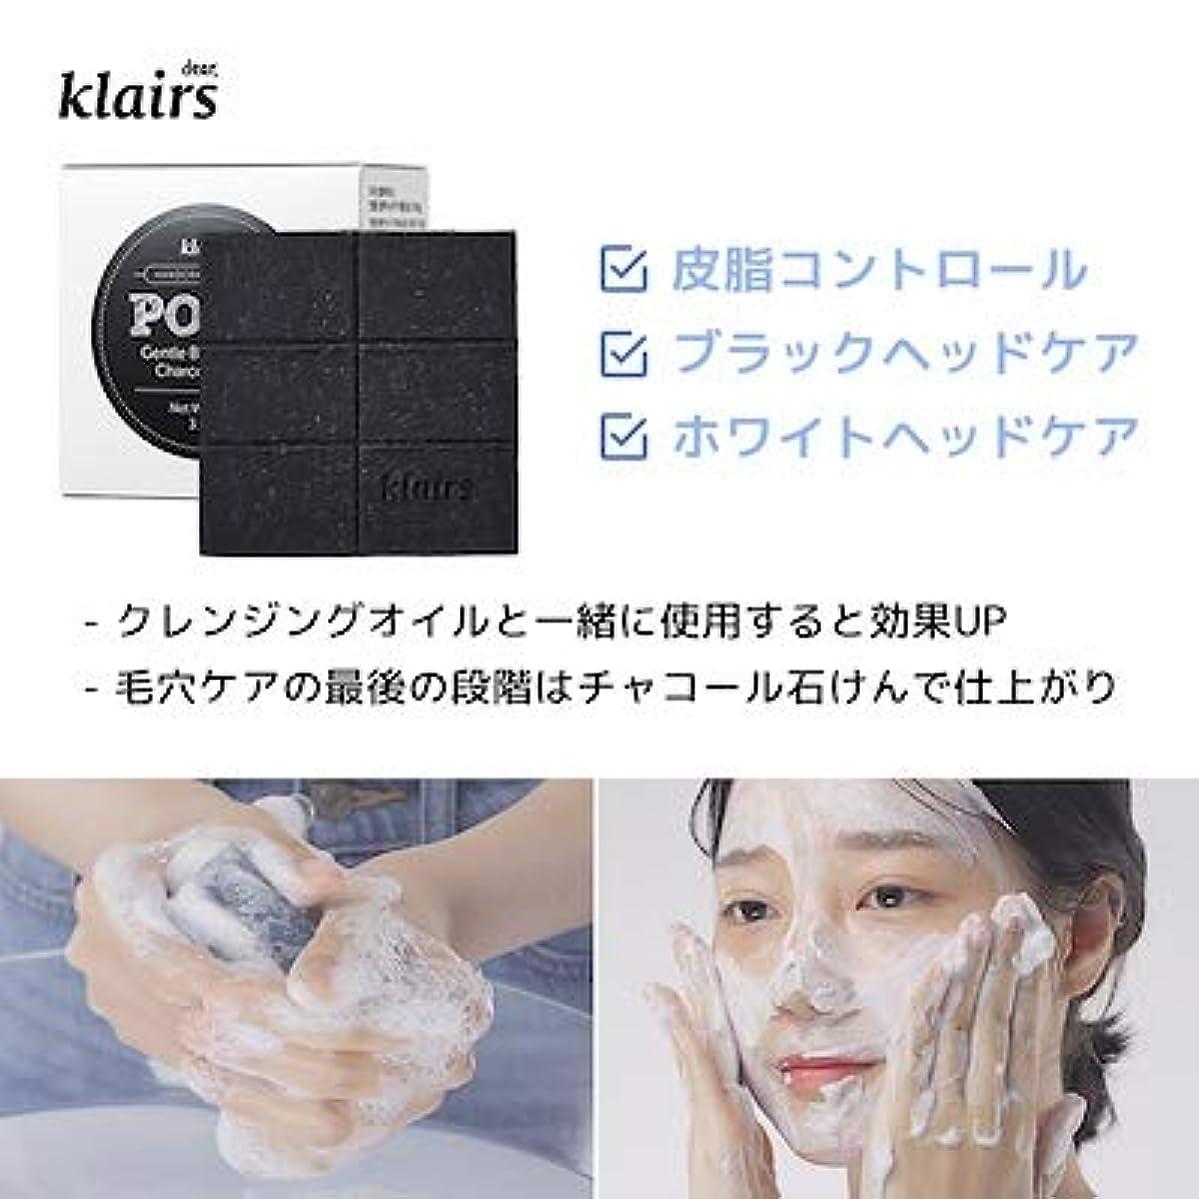 どこでも前提条件安定しましたKLAIRS(クレアズ) ジェントルブラックシュガーチャコール石けん, Gentle Black Sugar Charcol Soap 120g [並行輸入品]